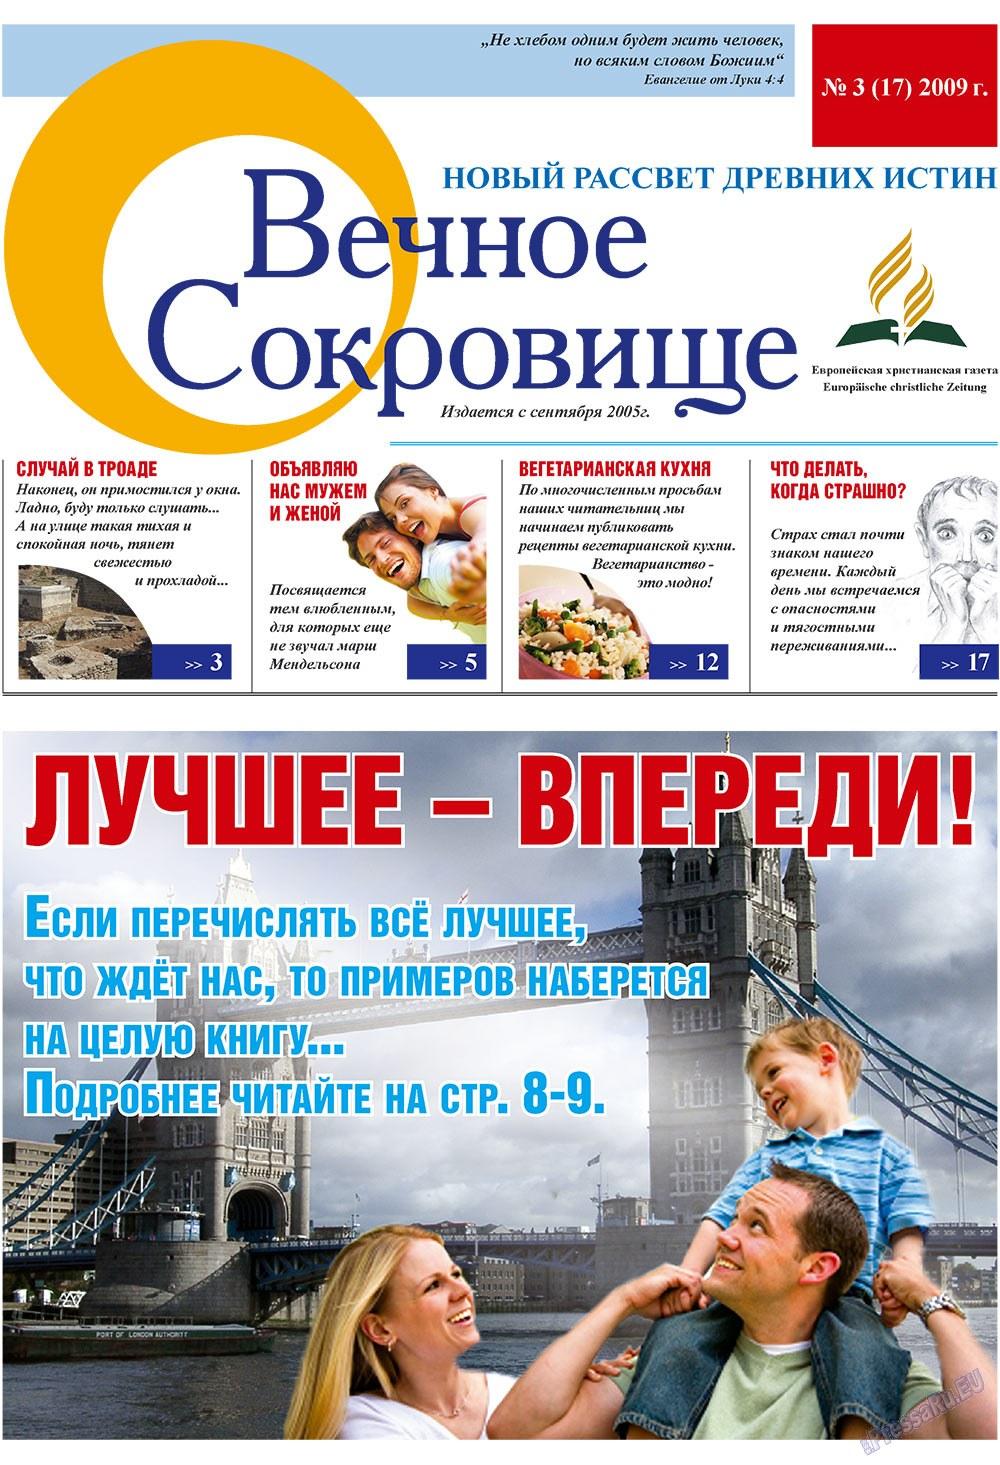 Вечное сокровище (газета). 2009 год, номер 3, стр. 1